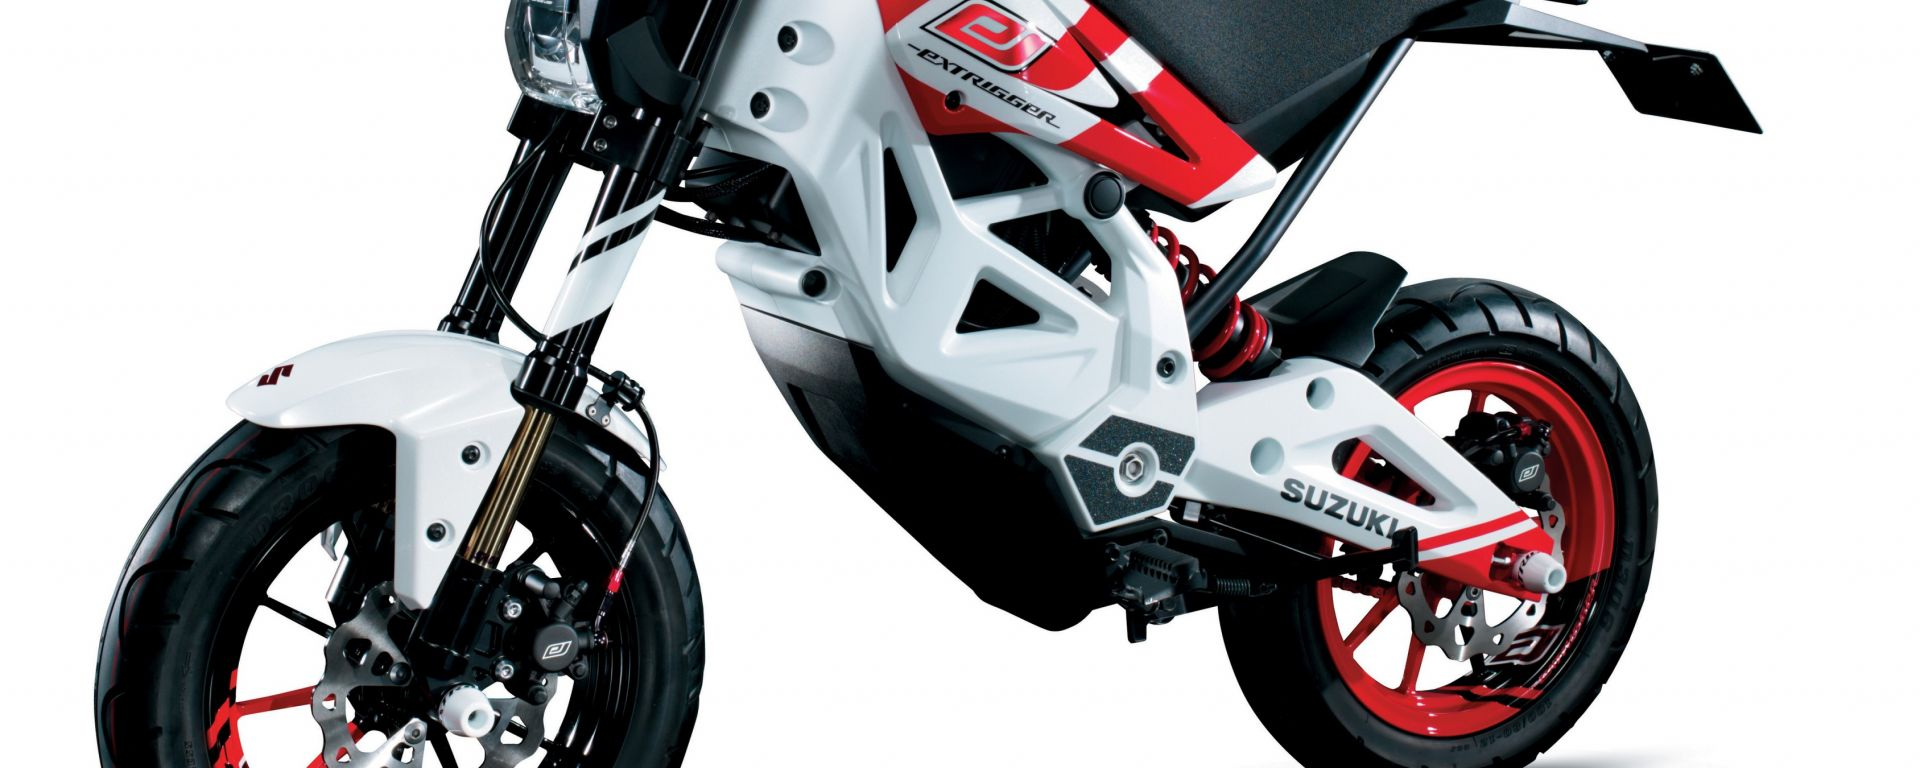 Suzuki Extrigger